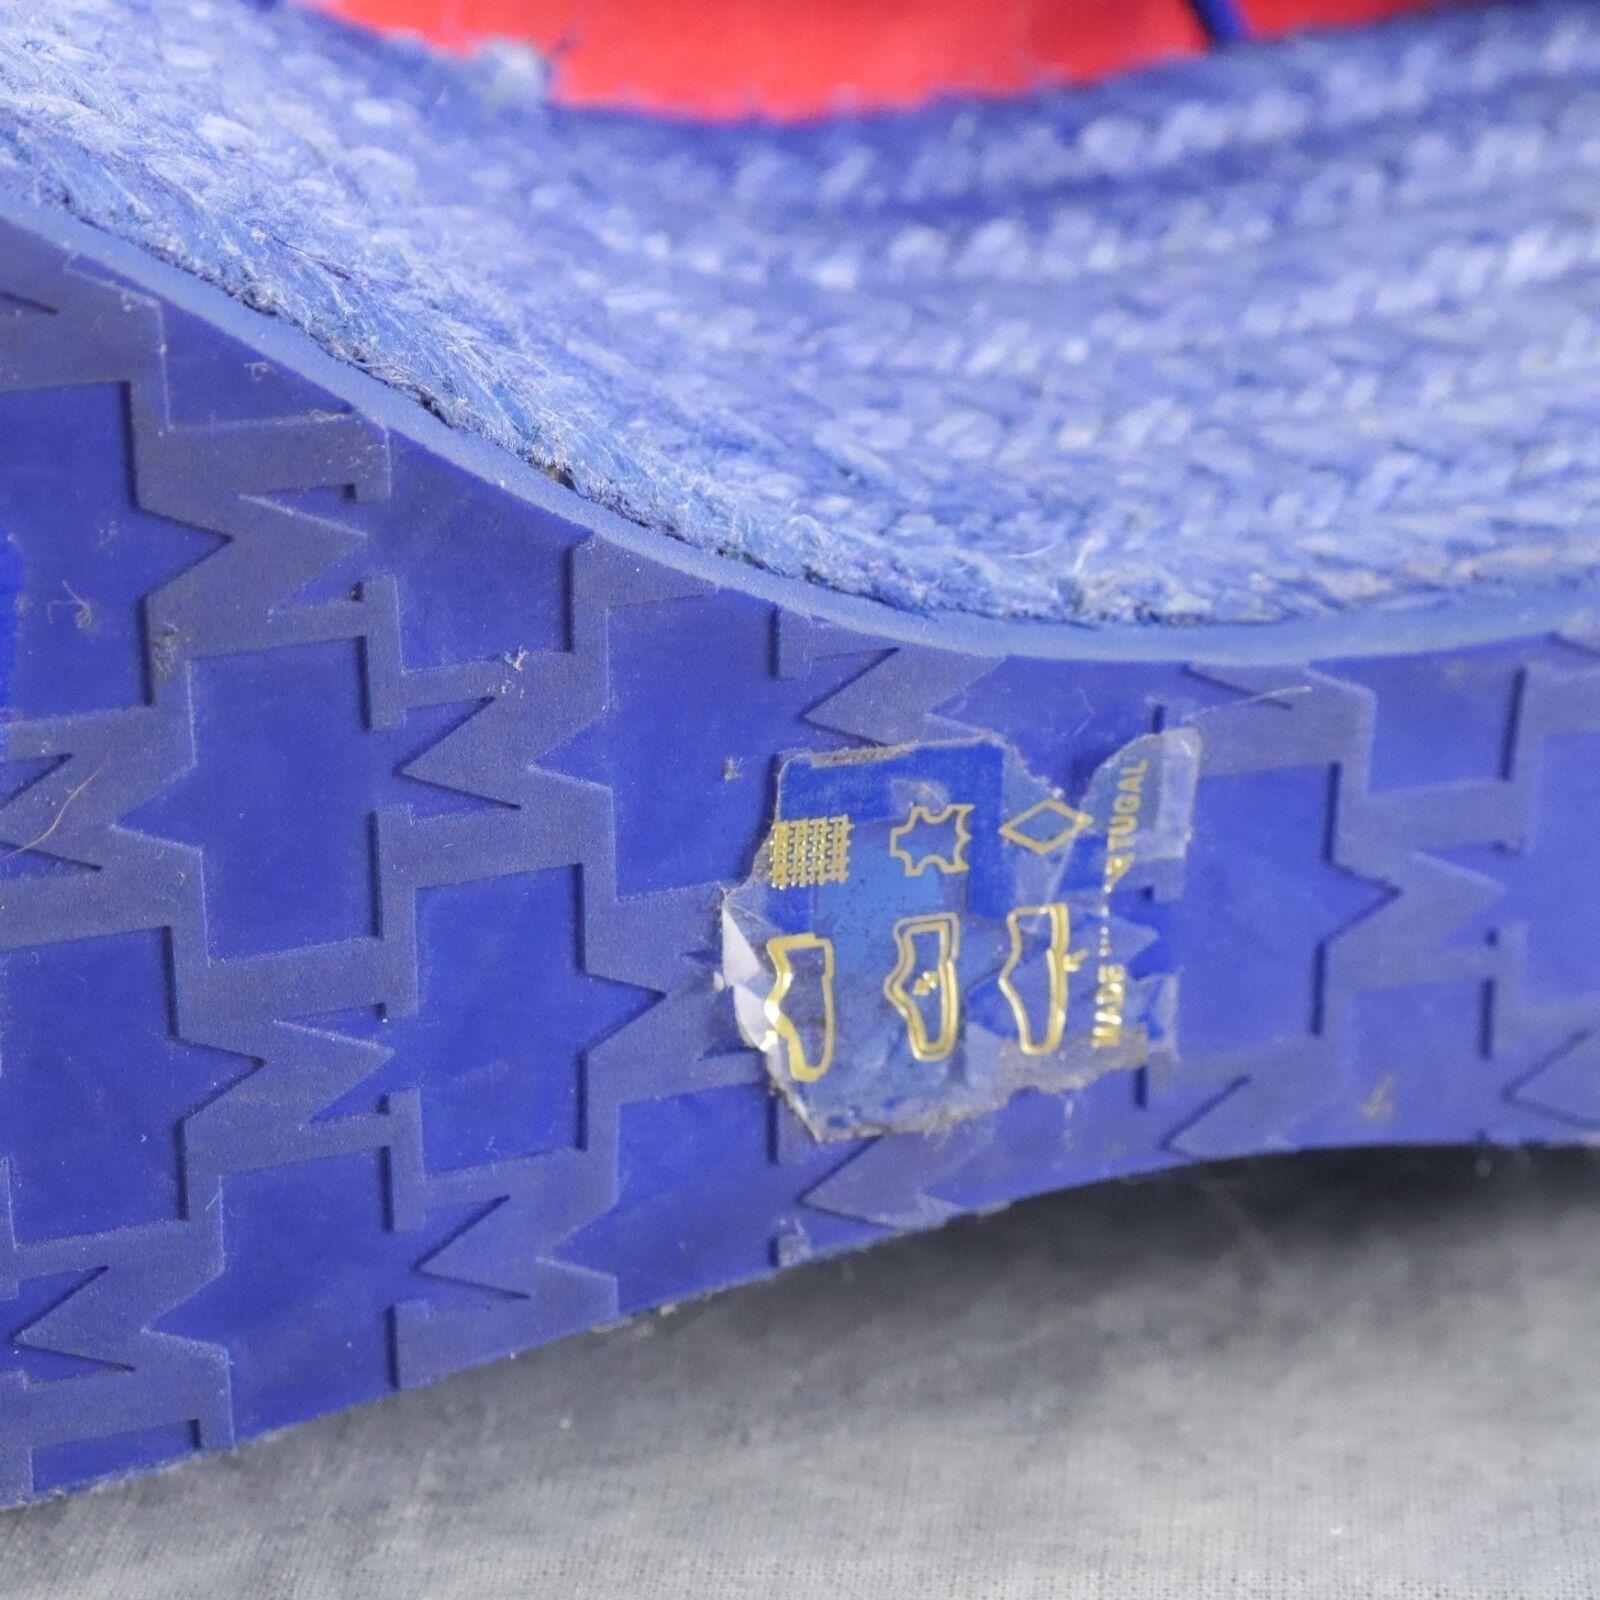 NWOB MISSONI Distressed Distressed Distressed rot Canvas w Navy Jute Platform Turnschuhe 8 US 38 EU ANB 356927